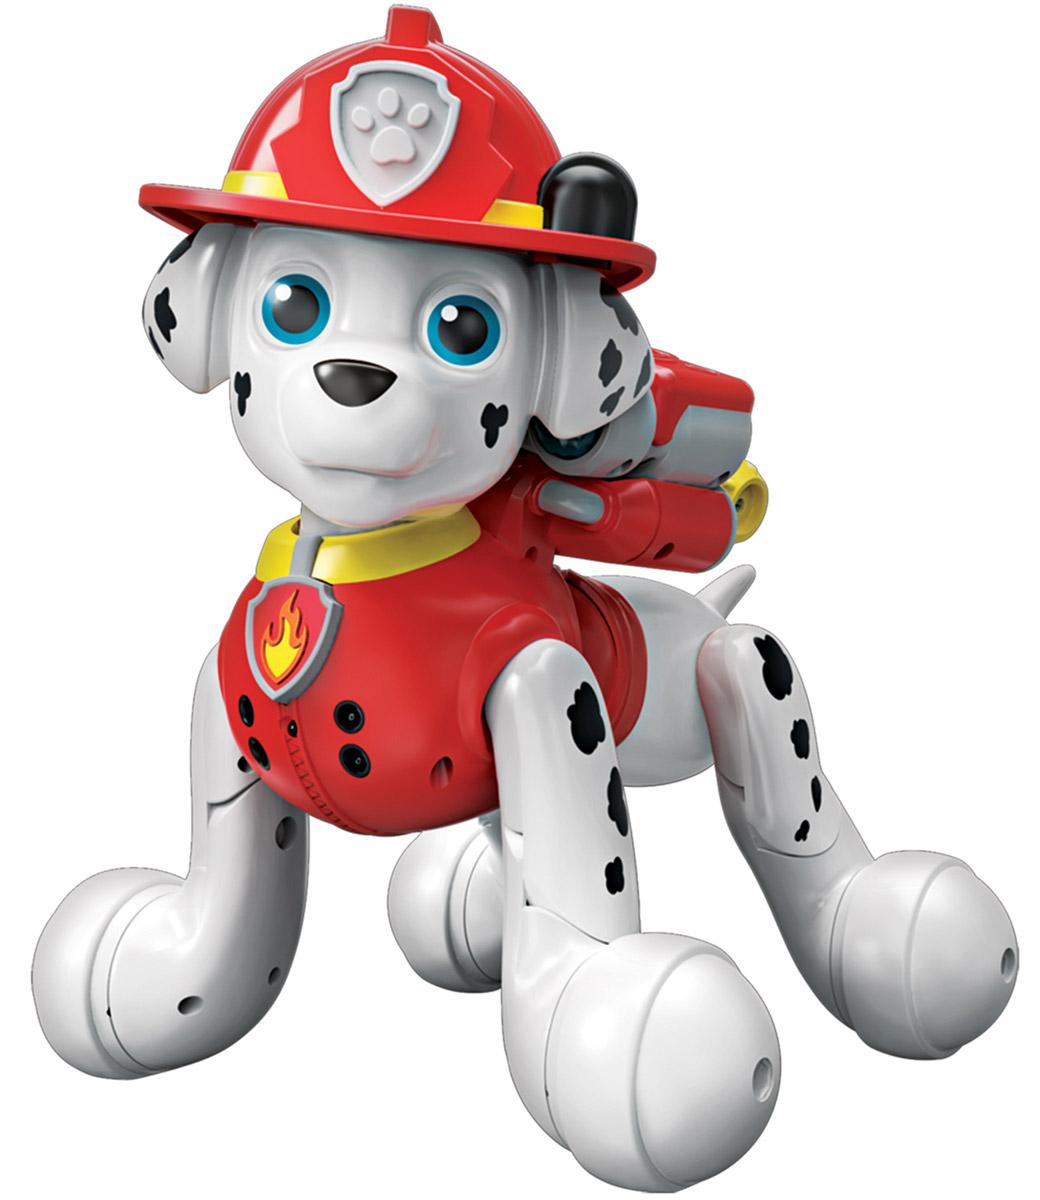 Paw Patrol Интерактивная игрушка Маршал14420Симпатичная интерактивная игрушка Paw Patrol Маршал может стать настоящим другом маленькому поклоннику Щенячьего патруля, ведь он реагирует на своего владельца почти как живой! Игрушка имеет два режима работы. В режиме Щенок Маршал произносит 40 наиболее часто употребляемых в мультфильме фраз. Функция активизируется нажатием на голову щенка. Режим Миссии и трюки активизируется нажатием на бейджик спасателя, расположенный на ошейнике. В этом режиме щенок произносит более 120 звуков и фраз, поет песни из мультфильма, танцует, считает, отыгрывает несколько самых известных сюжетов мультфильма. Всего в памяти интерактивной игрушки записано 24 спасательные миссии. На груди Маршала расположен один из двух инфракрасных сенсоров, реагирующий на движение, благодаря которому щенок может следовать за вашей рукой. Второй сенсор находится на голове щенка, с помощью него игрушка реагирует на прикосновения. Интерактивный Маршал, как и в мультфильме, одет в красную форму пожарного, на...